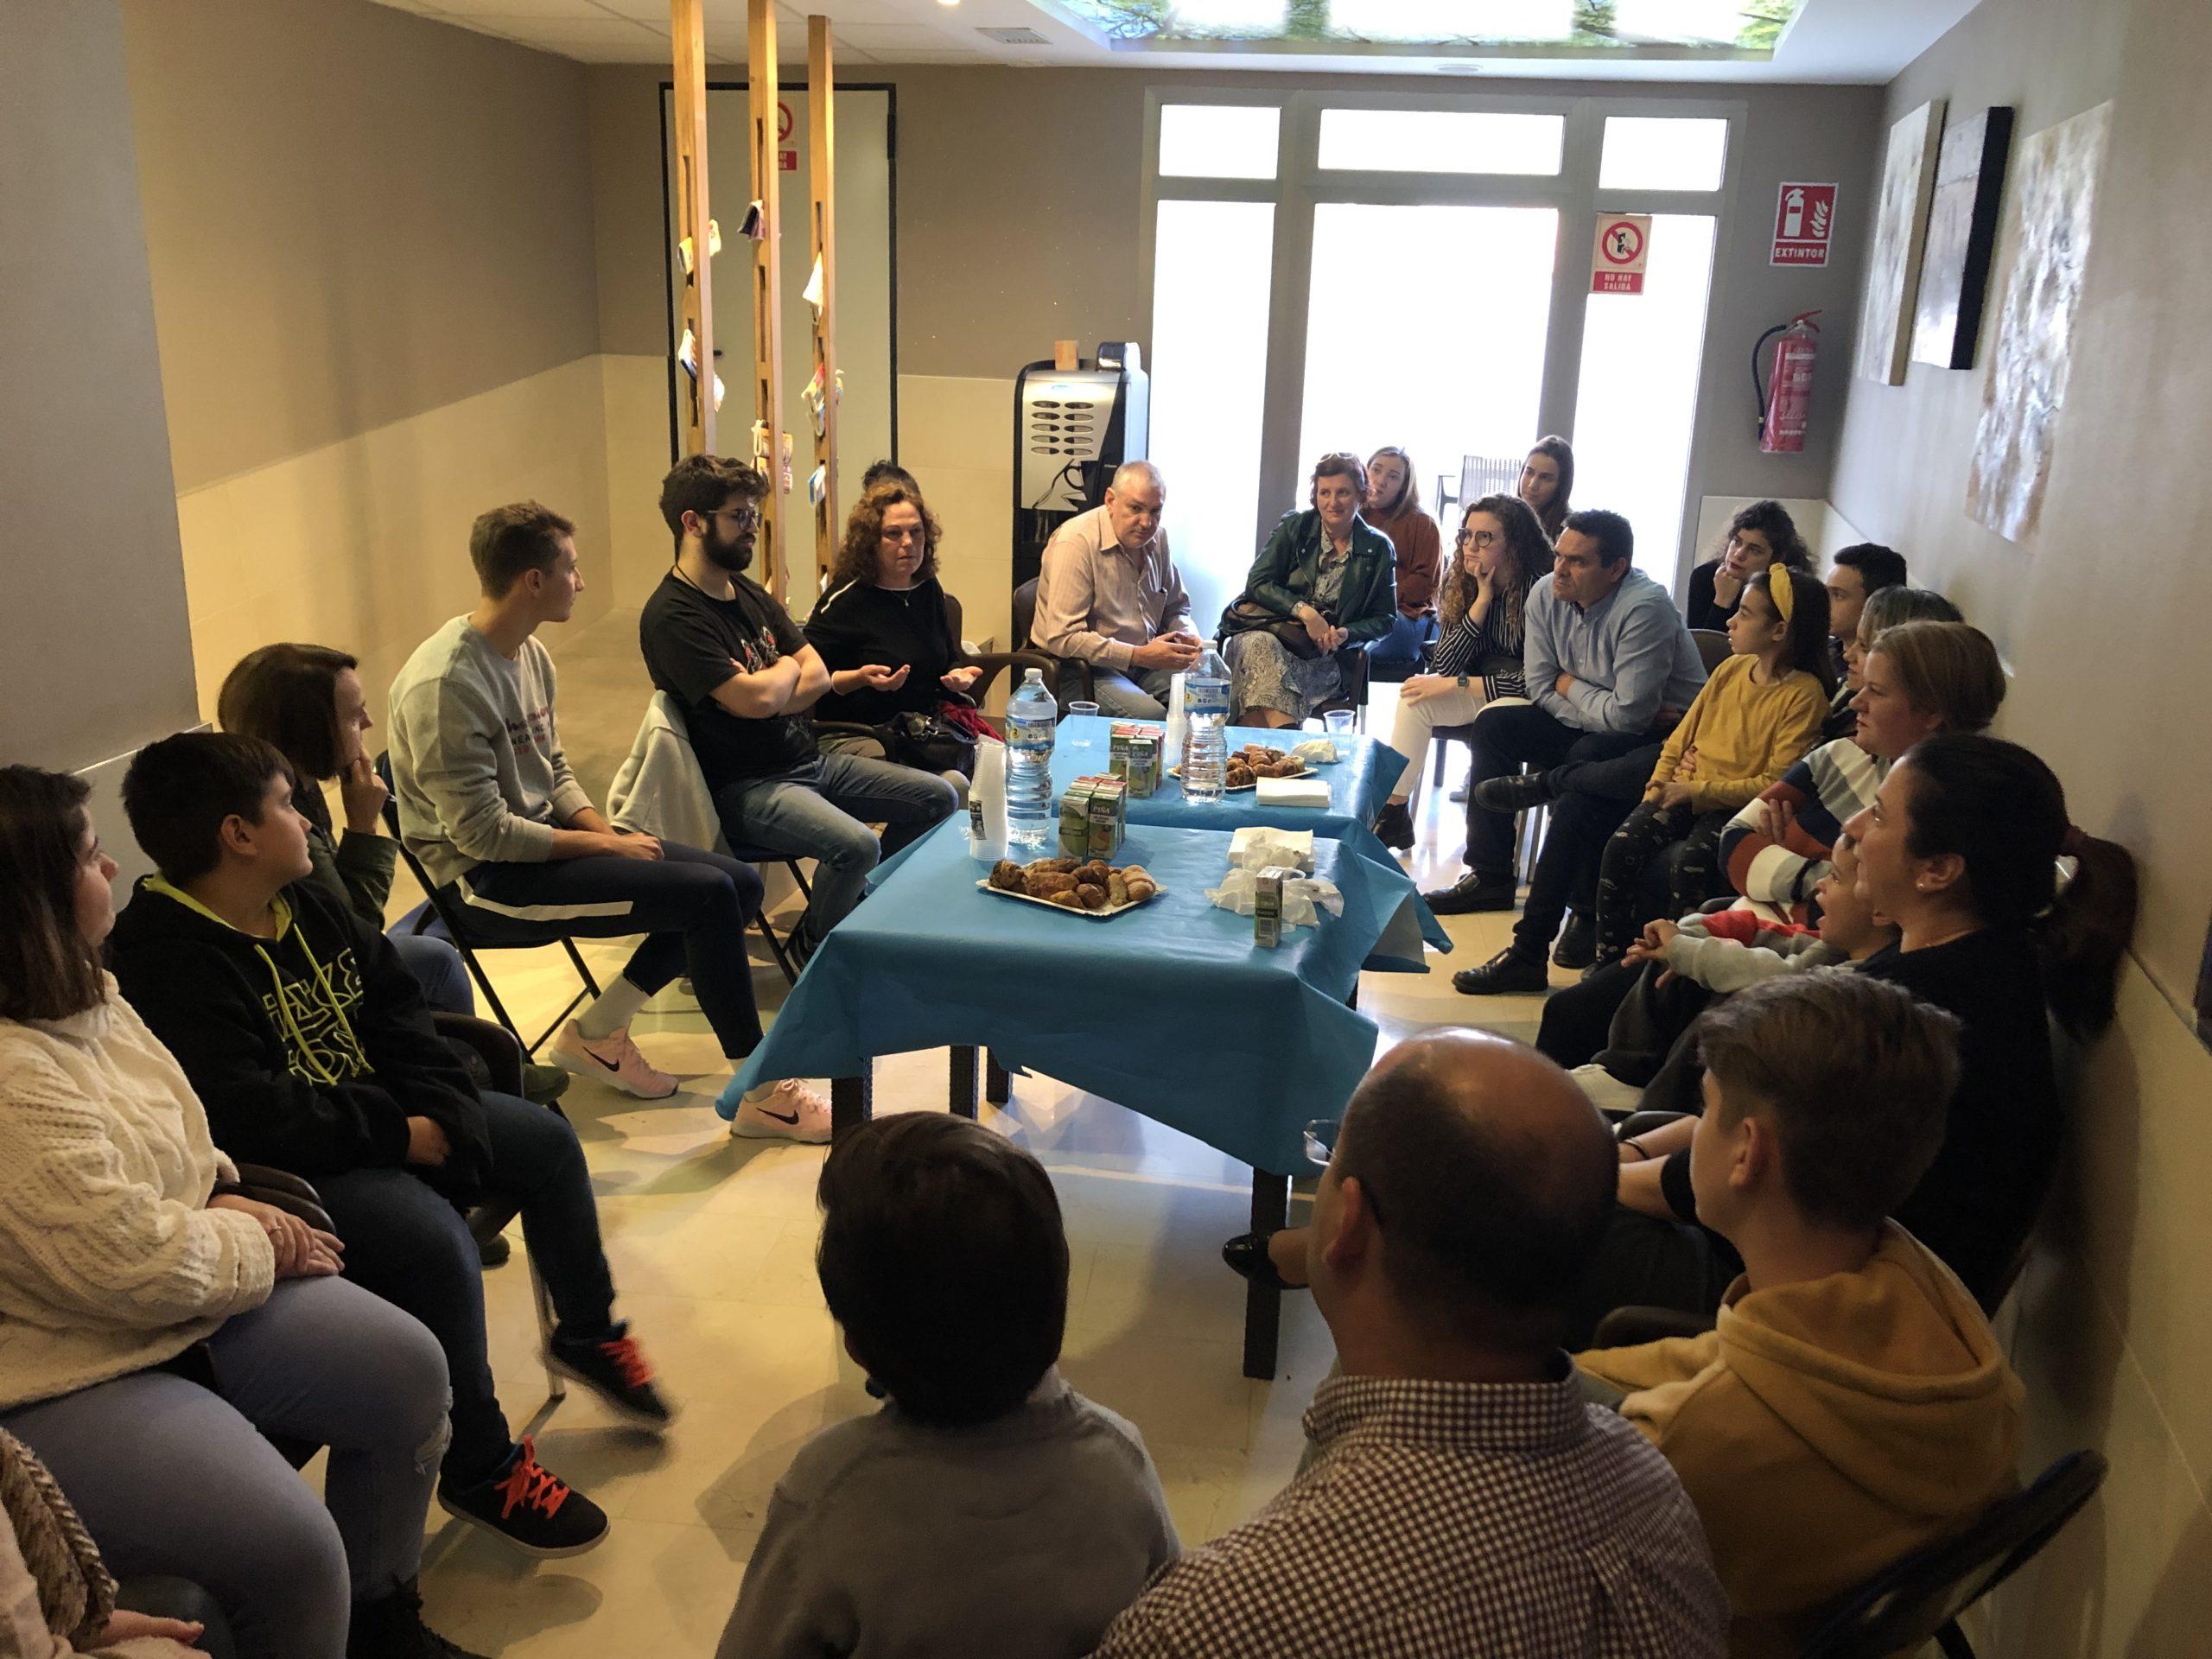 Fundación Uner - Encuentro de familias sobre la dislexia